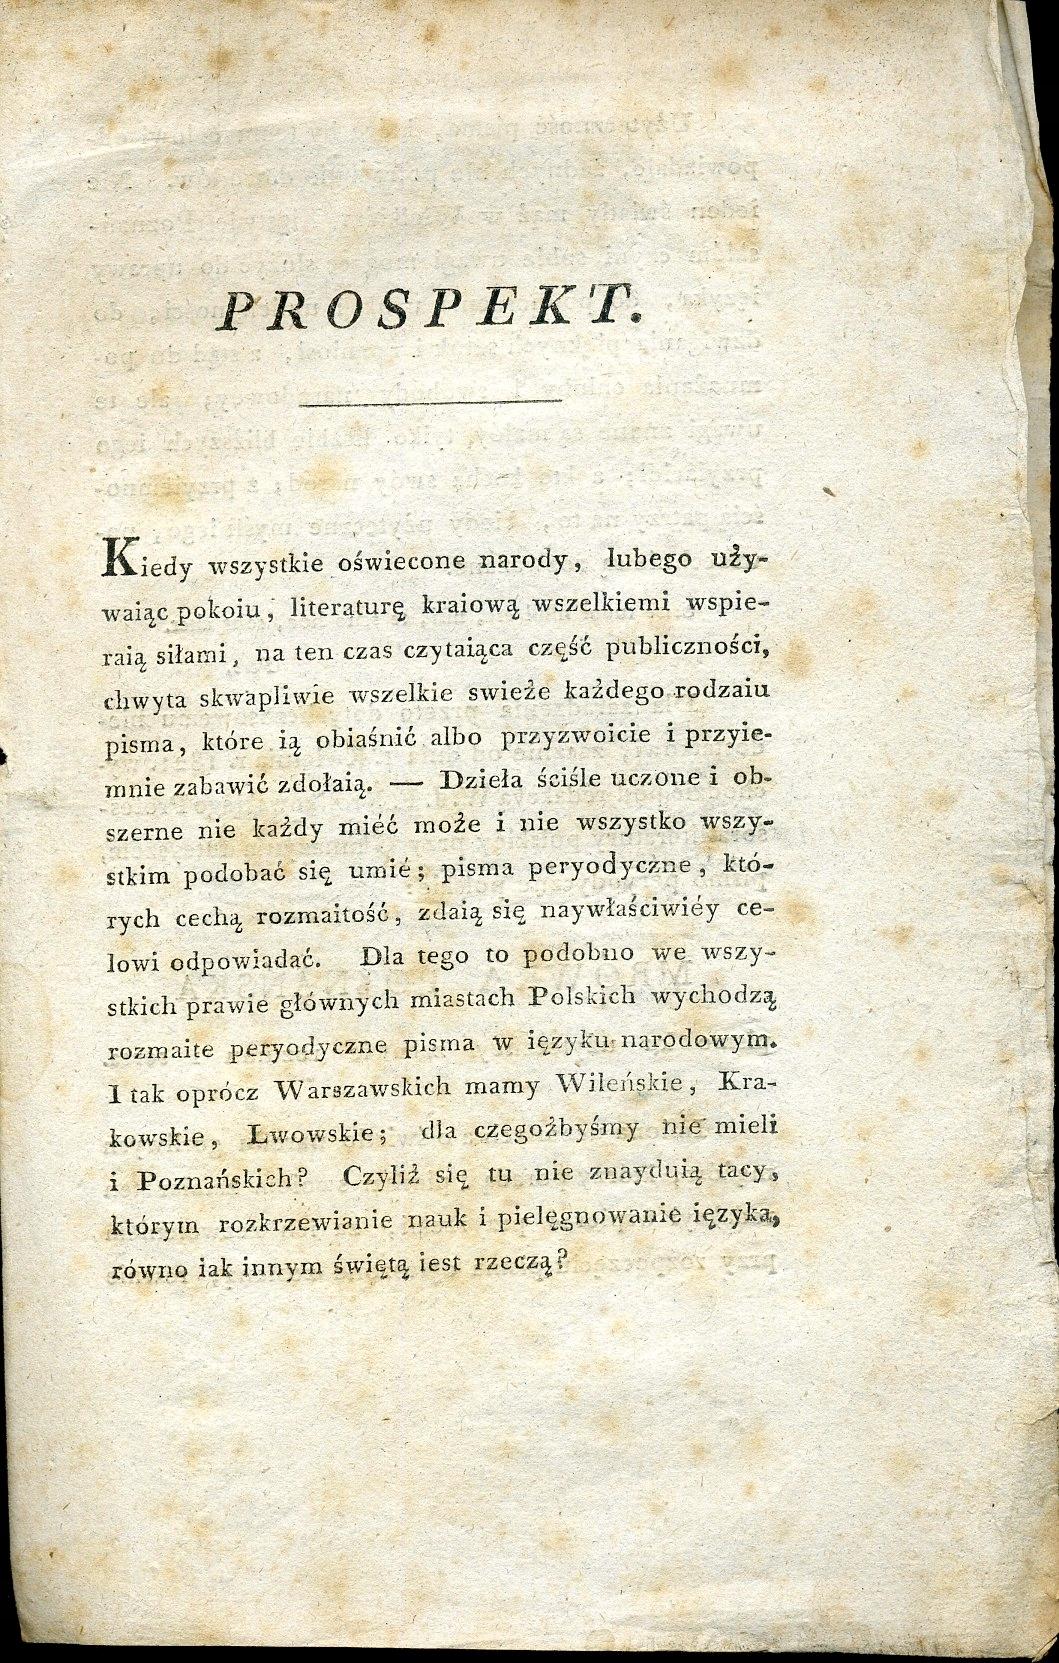 PROSPEKT 'MRÓWKI POZNAŃSKIEJ' red. J. A.MUNK, 1820